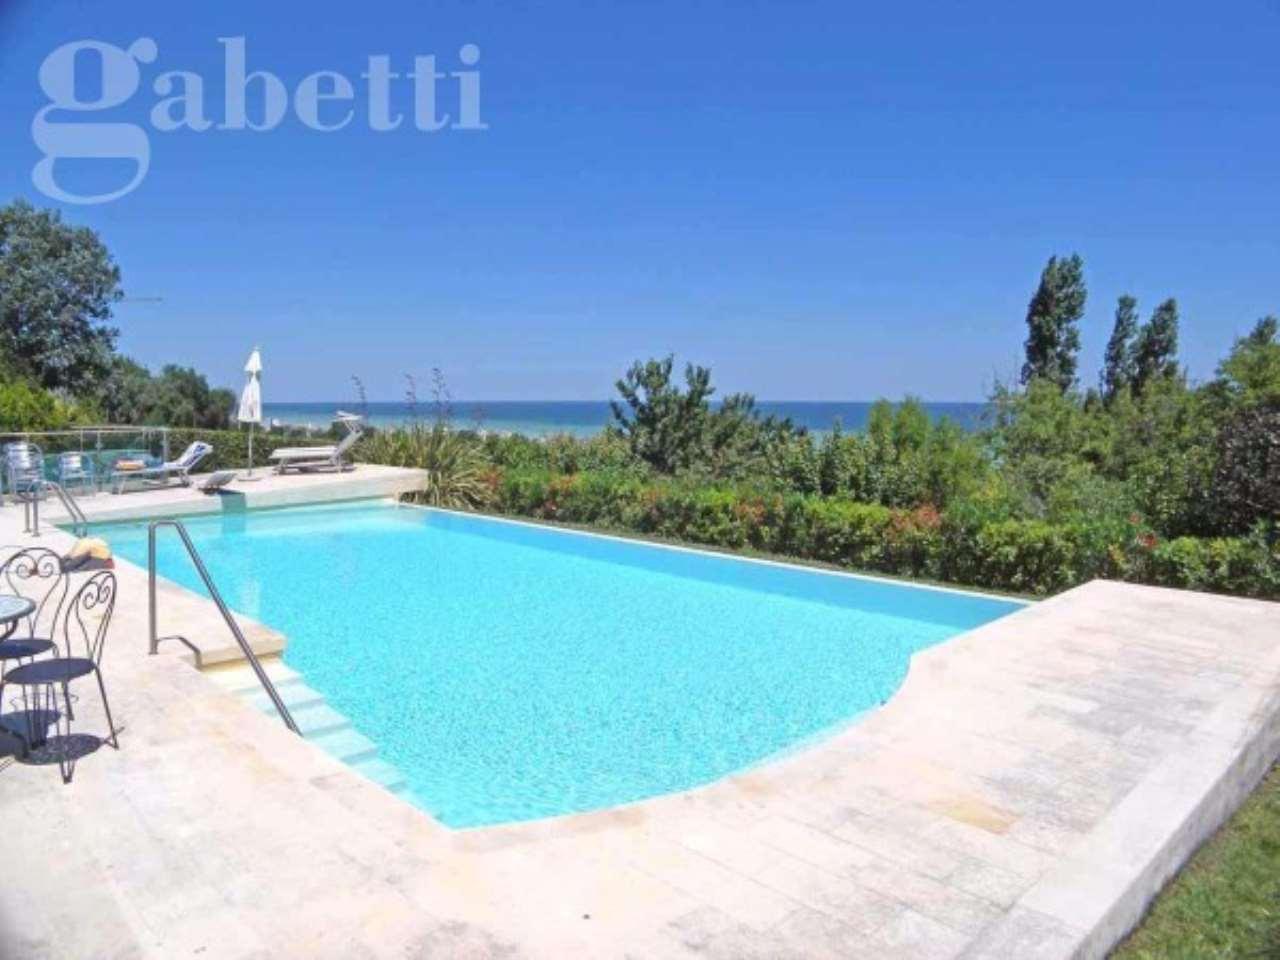 Villa in vendita a Senigallia, 3 locali, Trattative riservate | CambioCasa.it